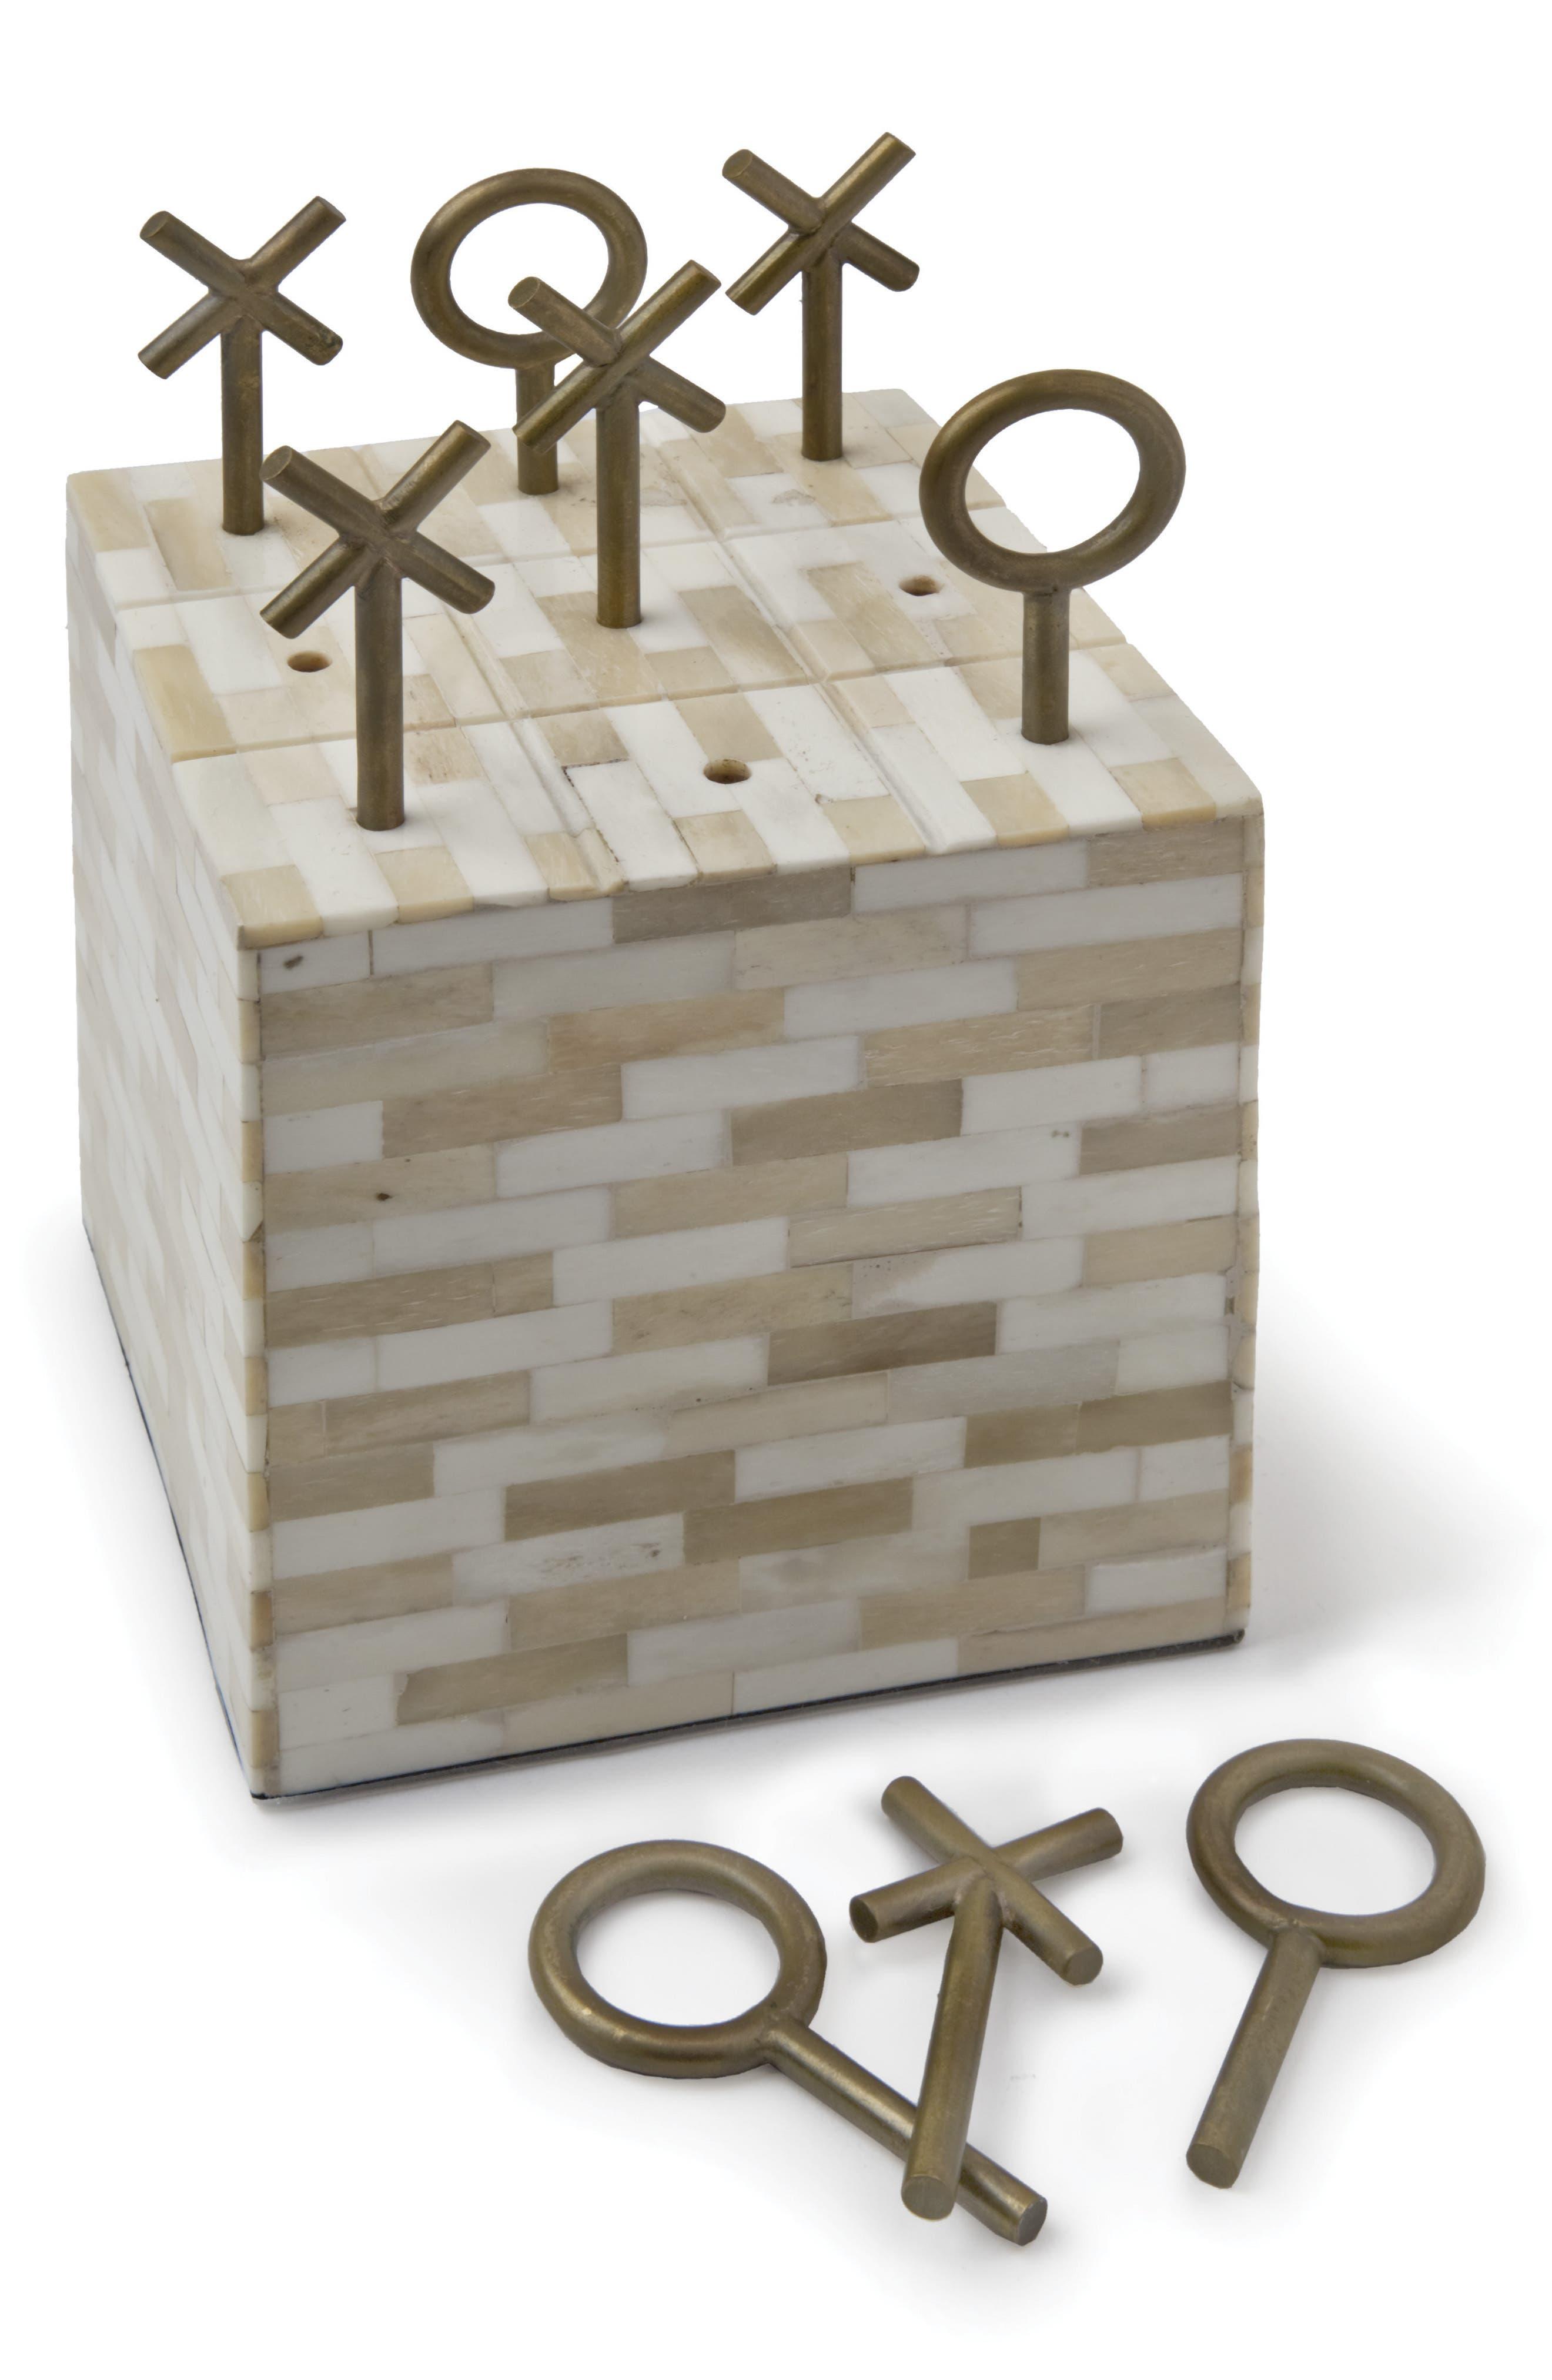 Alternate Image 1 Selected - Regina Andrew Design Tic Tac Toe Block Game